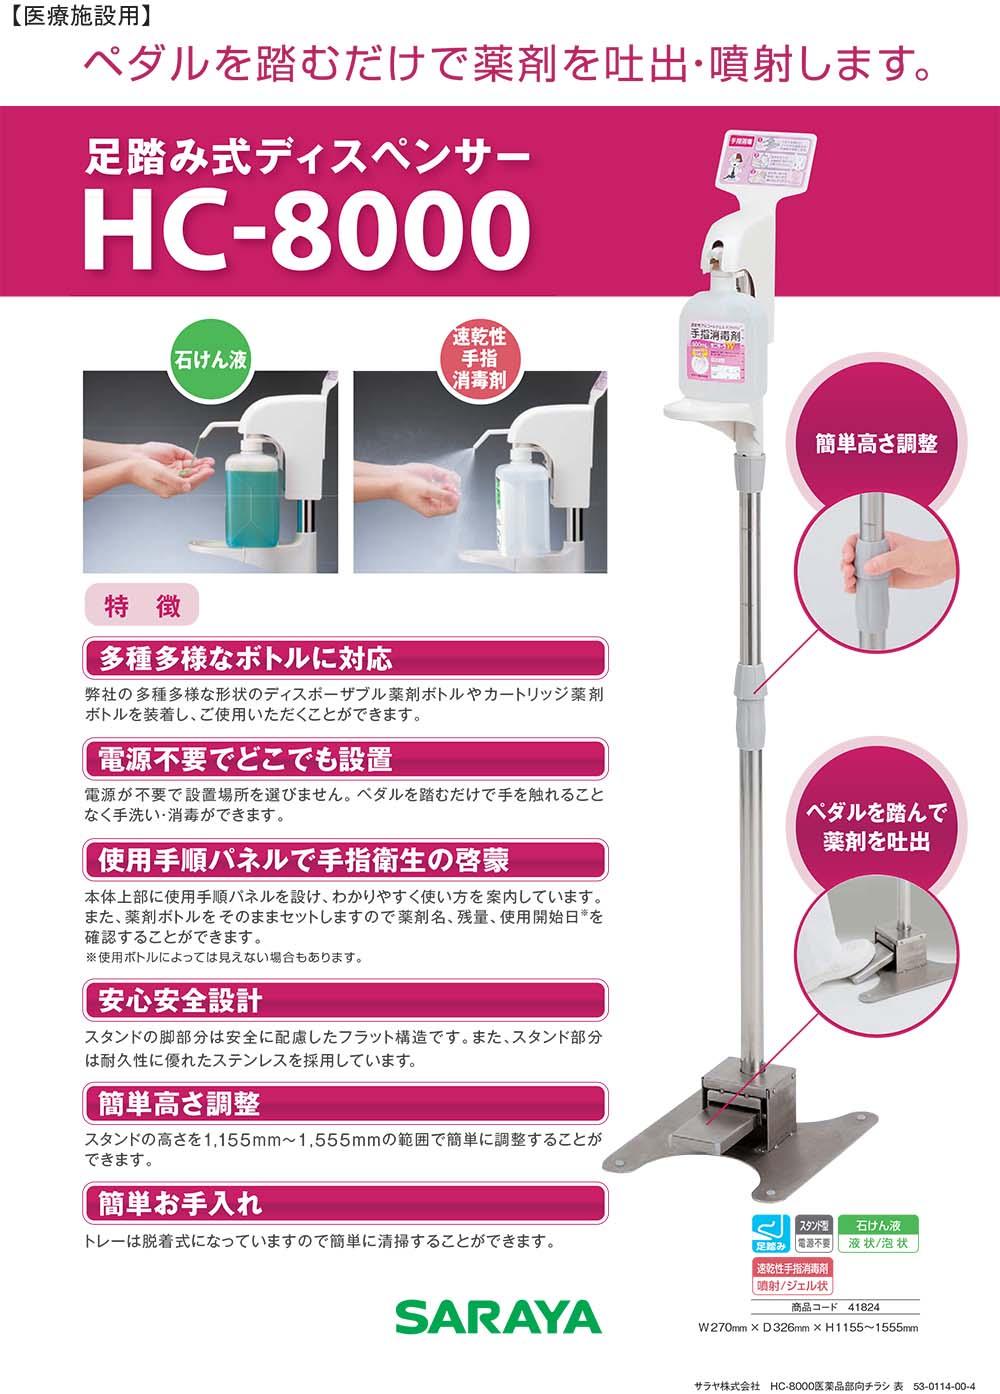 足踏み式ディスペンサー HC-8000